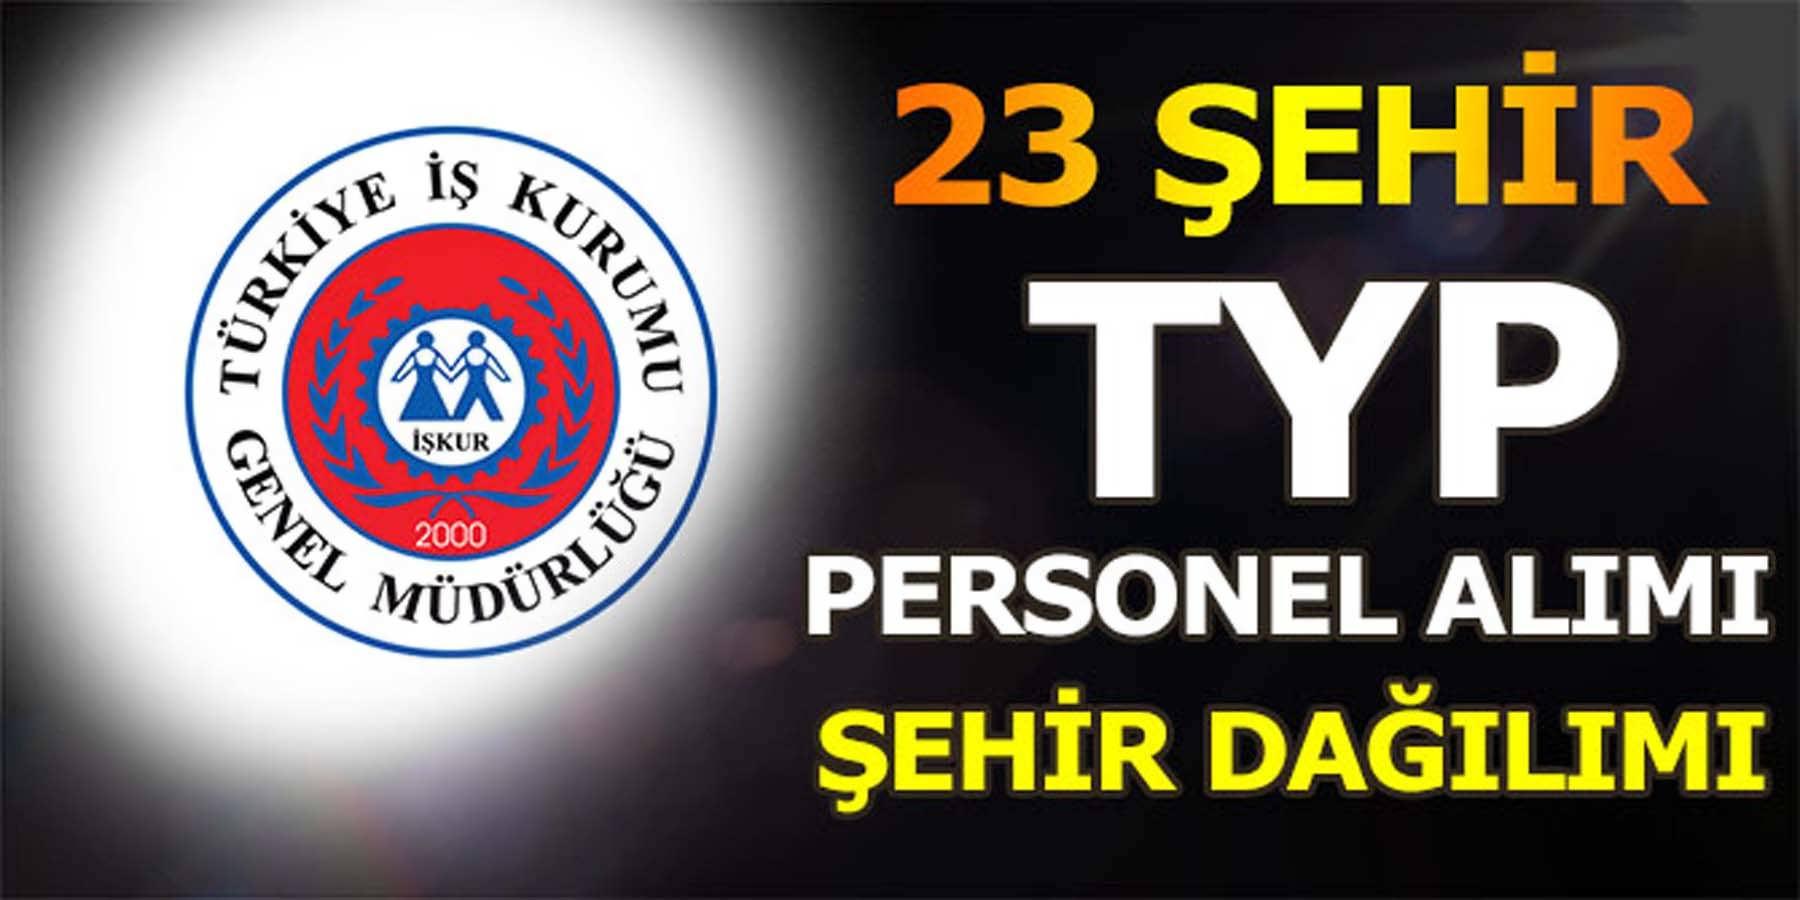 TYP 23 Şehir Kamu Personeli Alımı Yayınladı